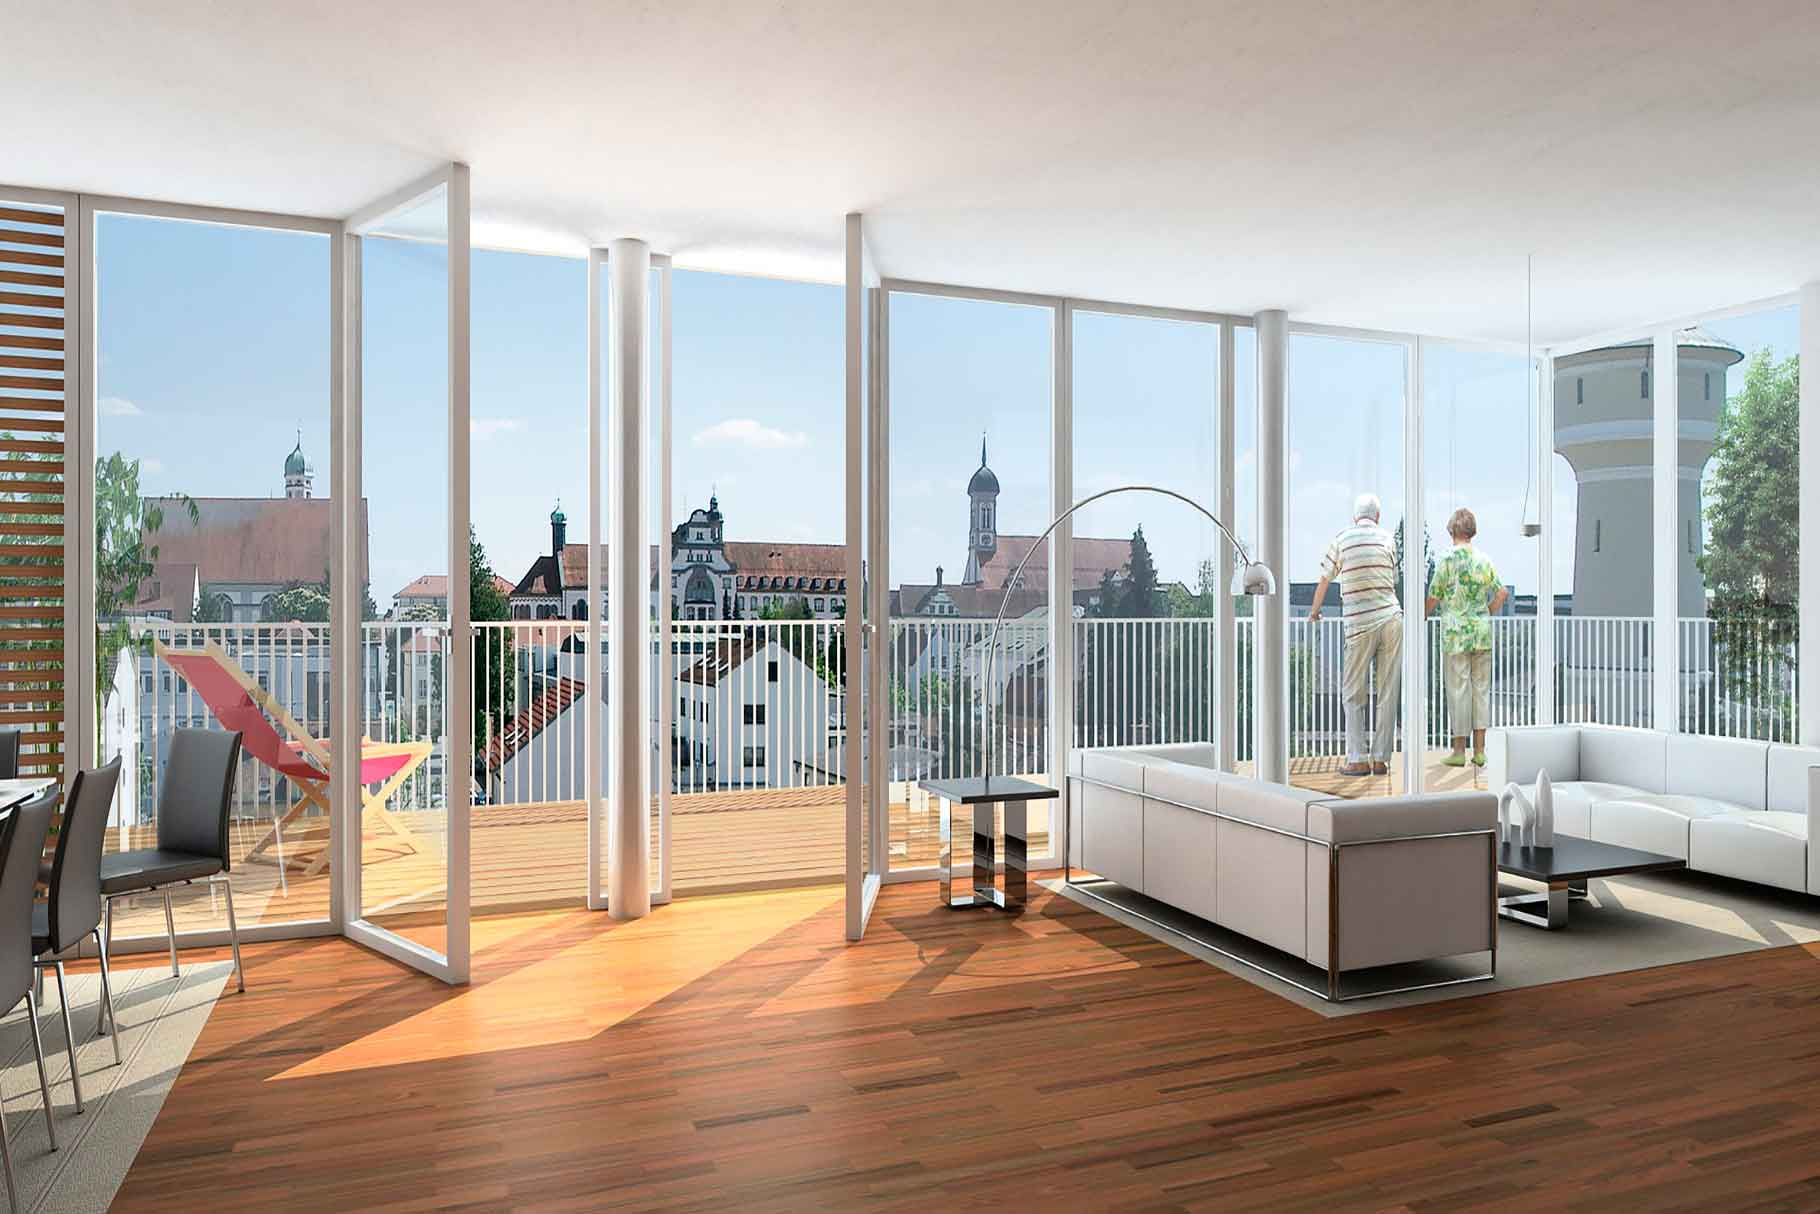 Calidad de ambientes interiores con Kapa Integral